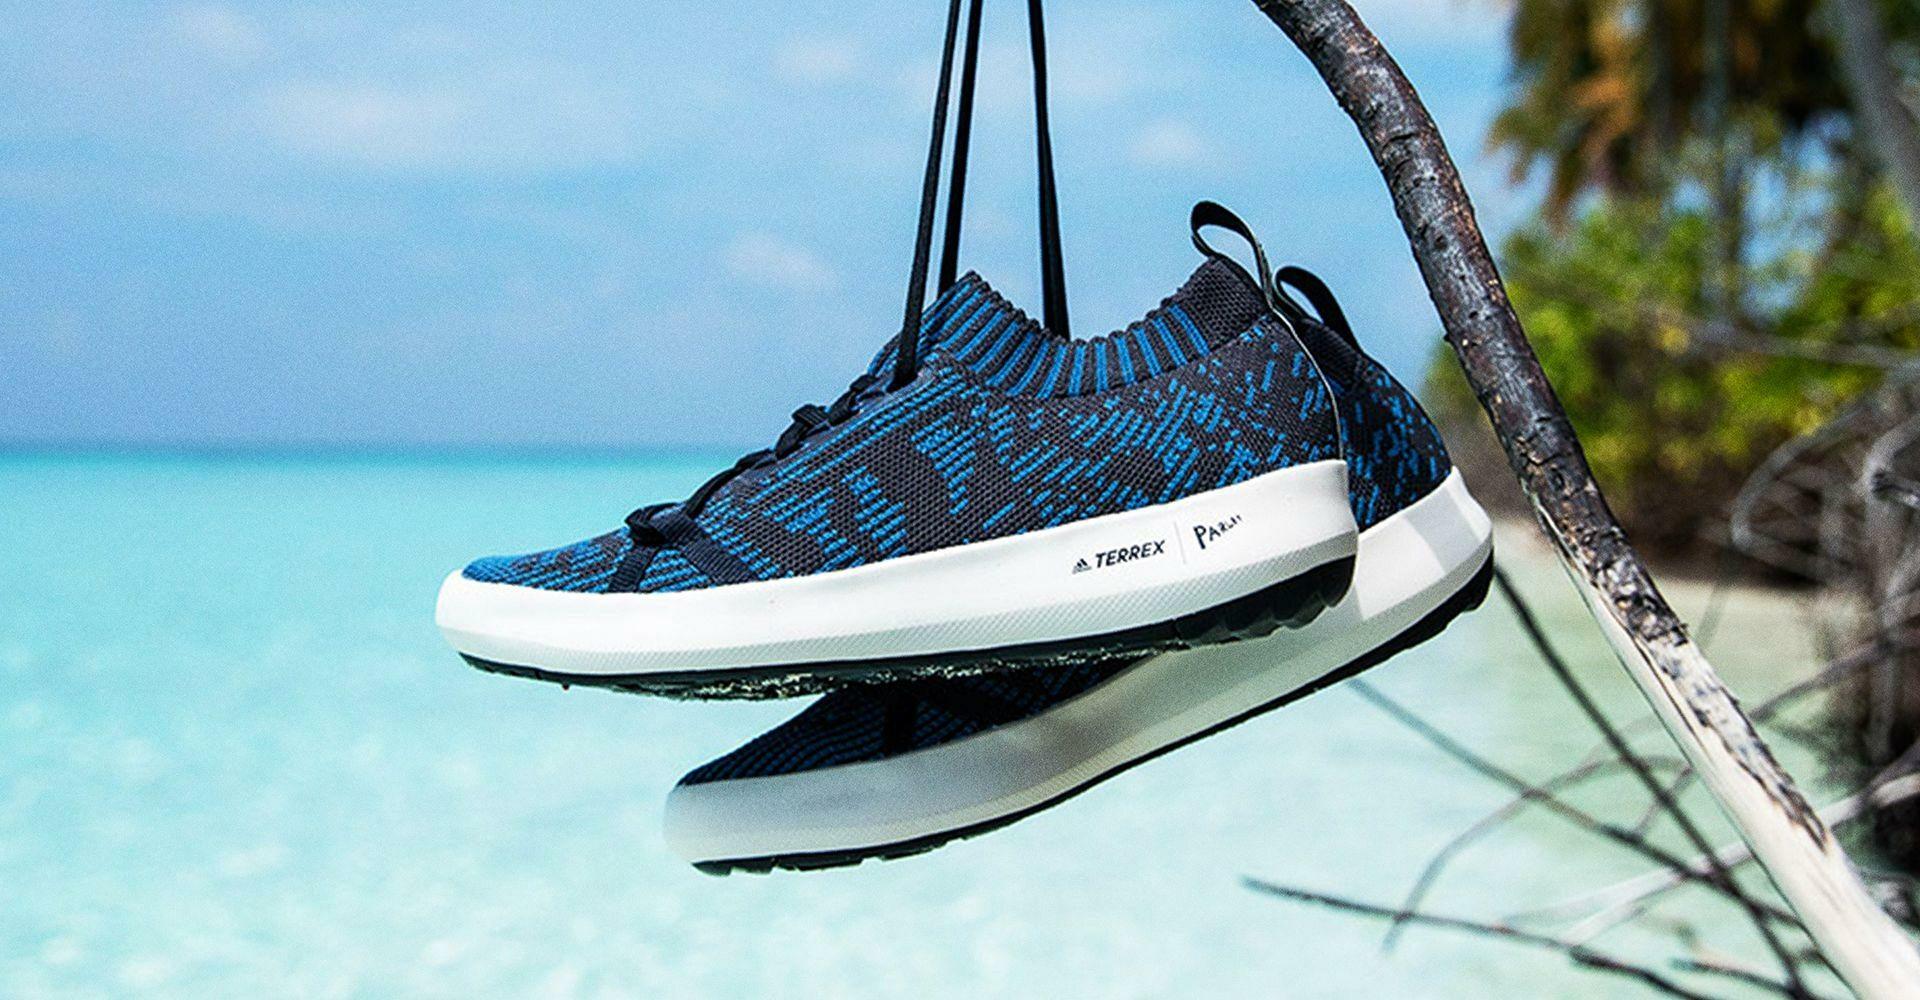 Adidas sprzedał milion par butów z przetworzonych butelek